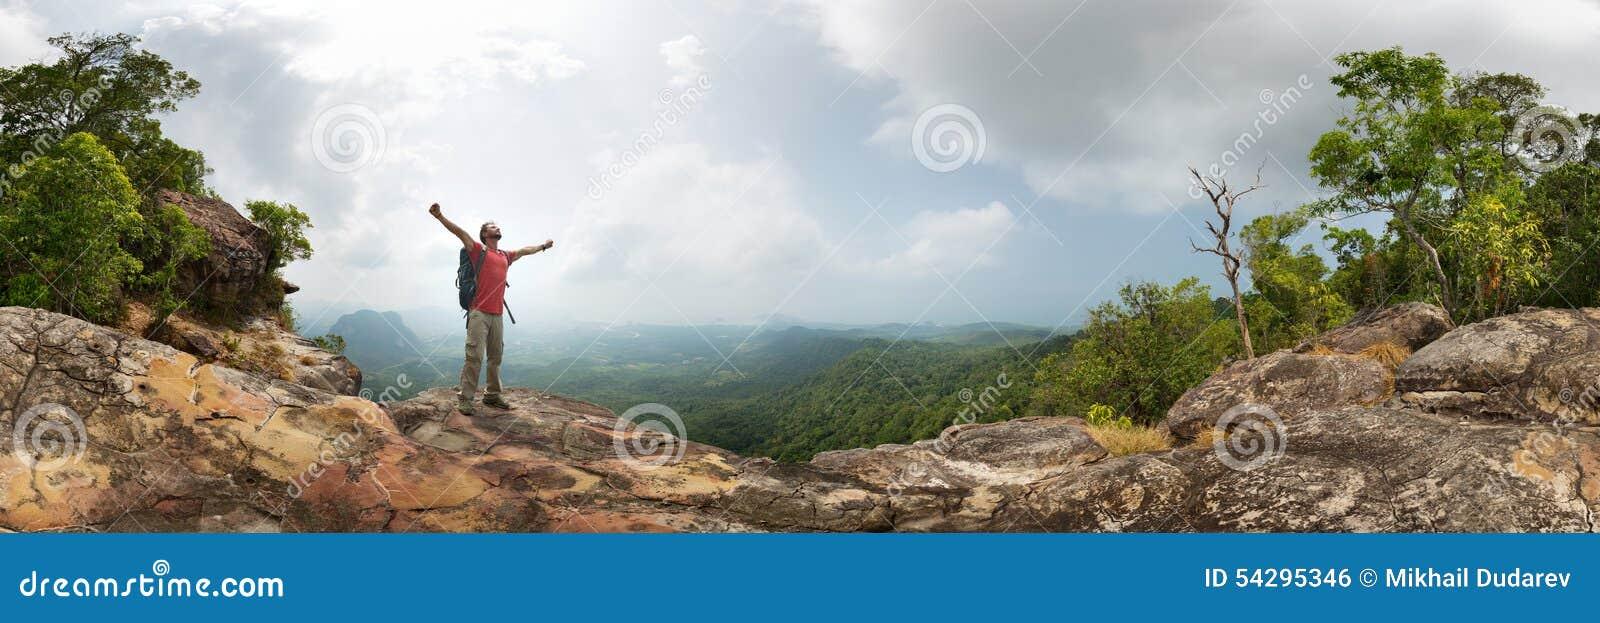 Randonneur sur la roche